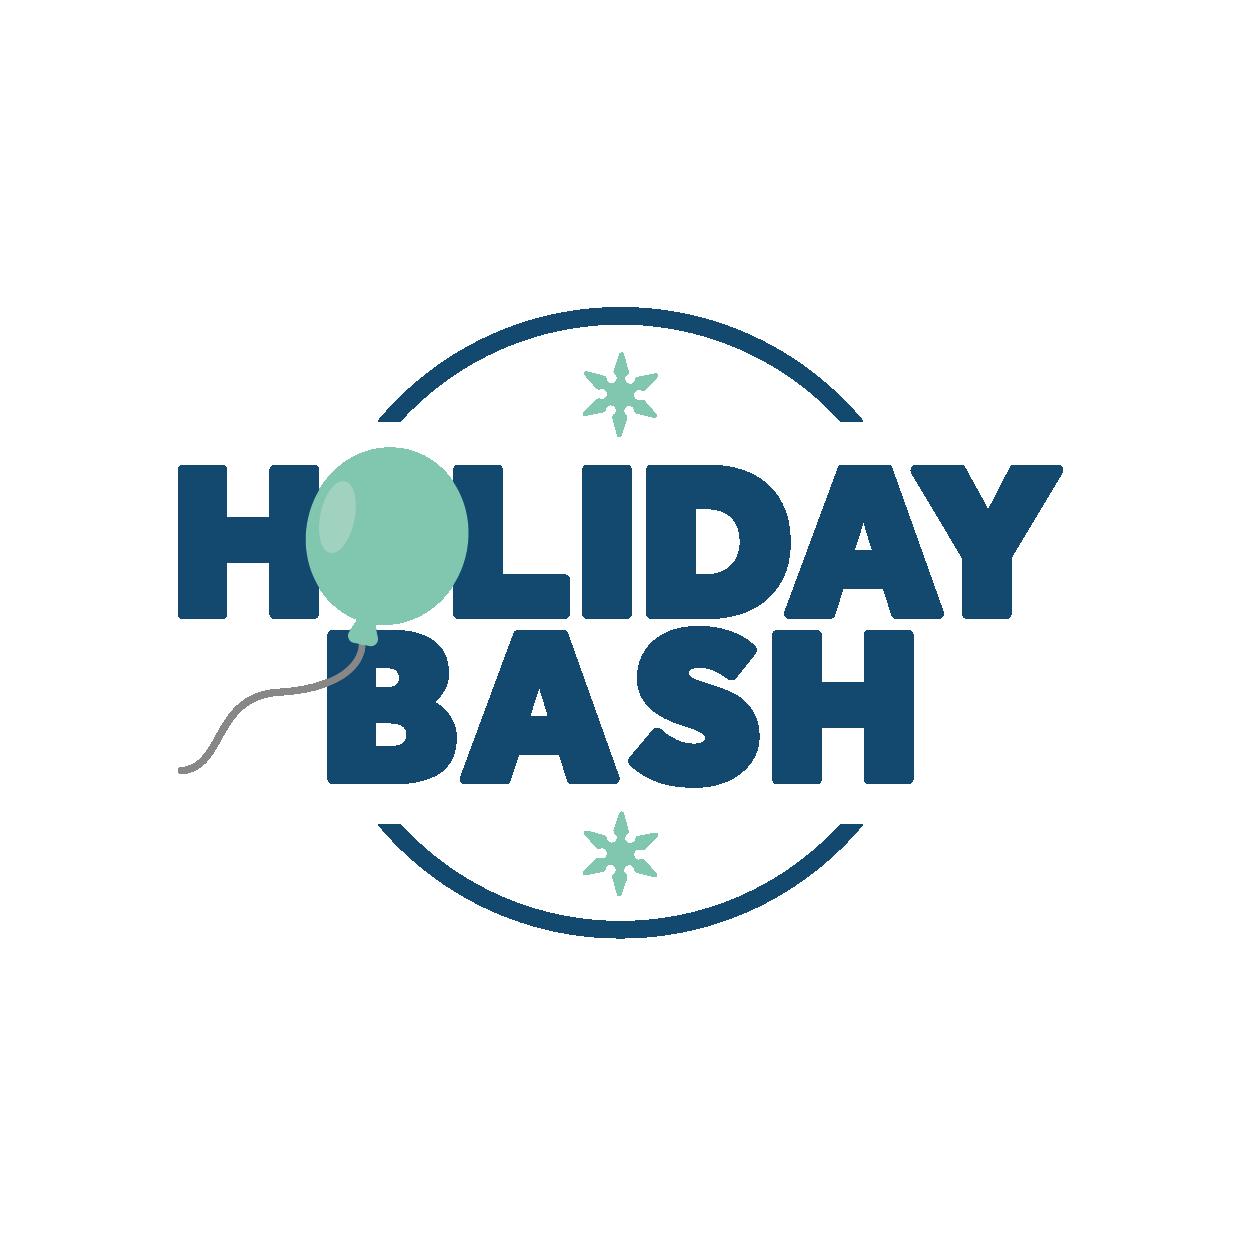 HolidayBash 2020 logo